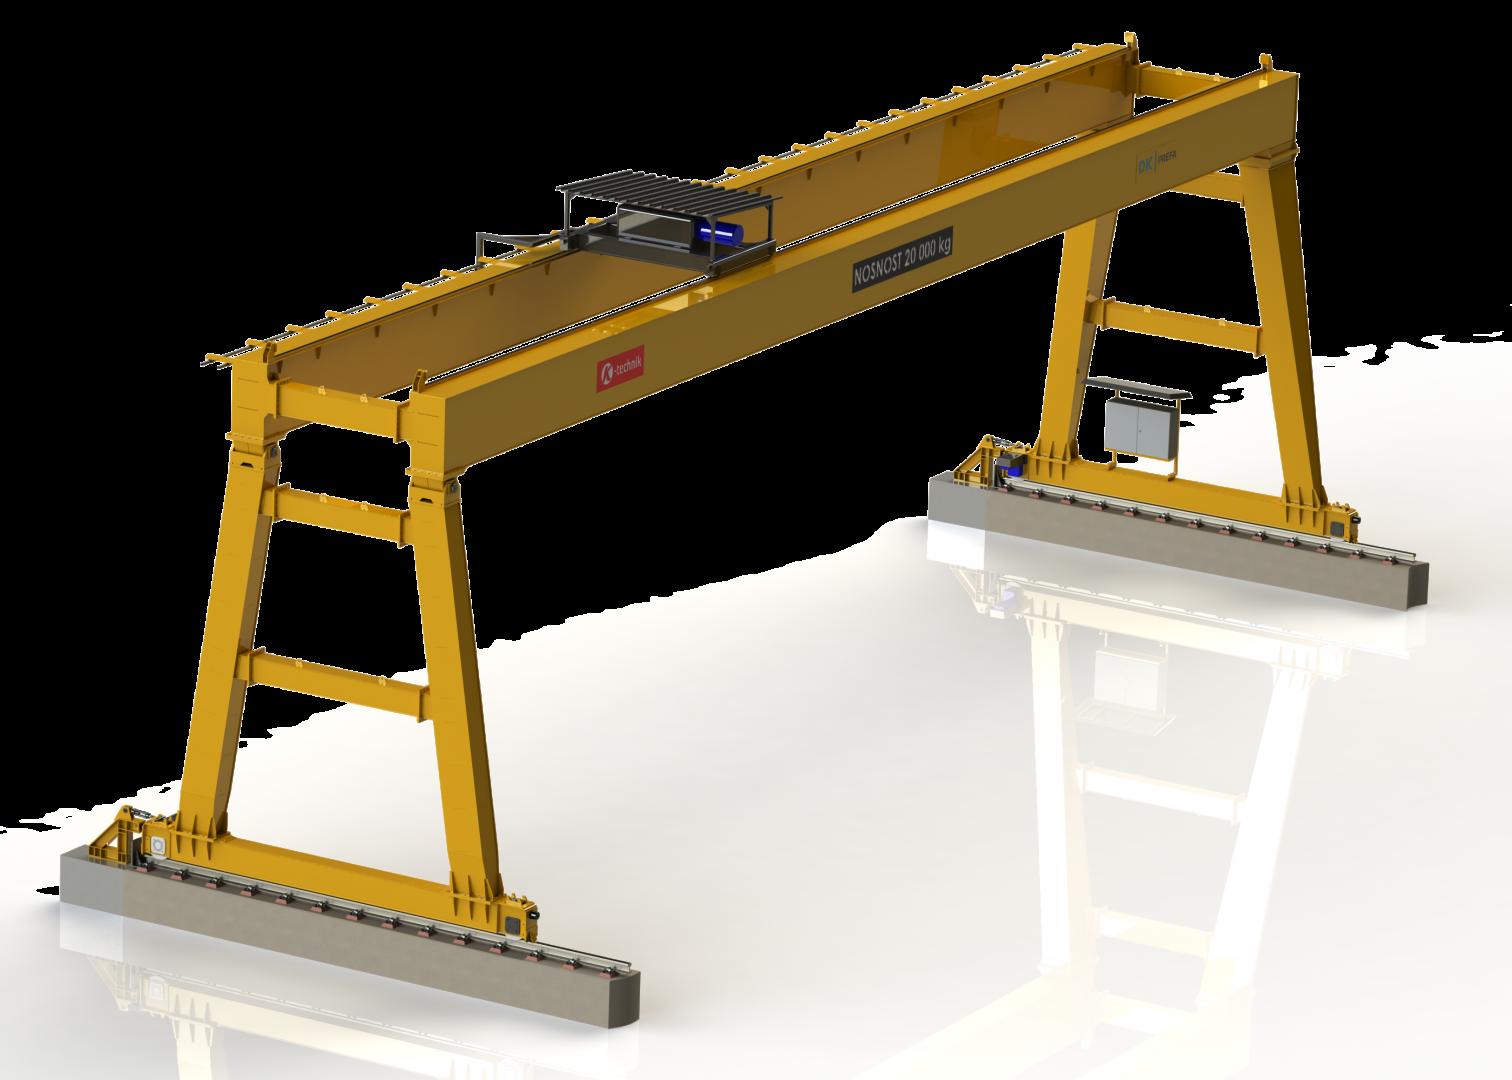 Portálový jeřáb 3D model<br />Portálový jeřáb 3D model